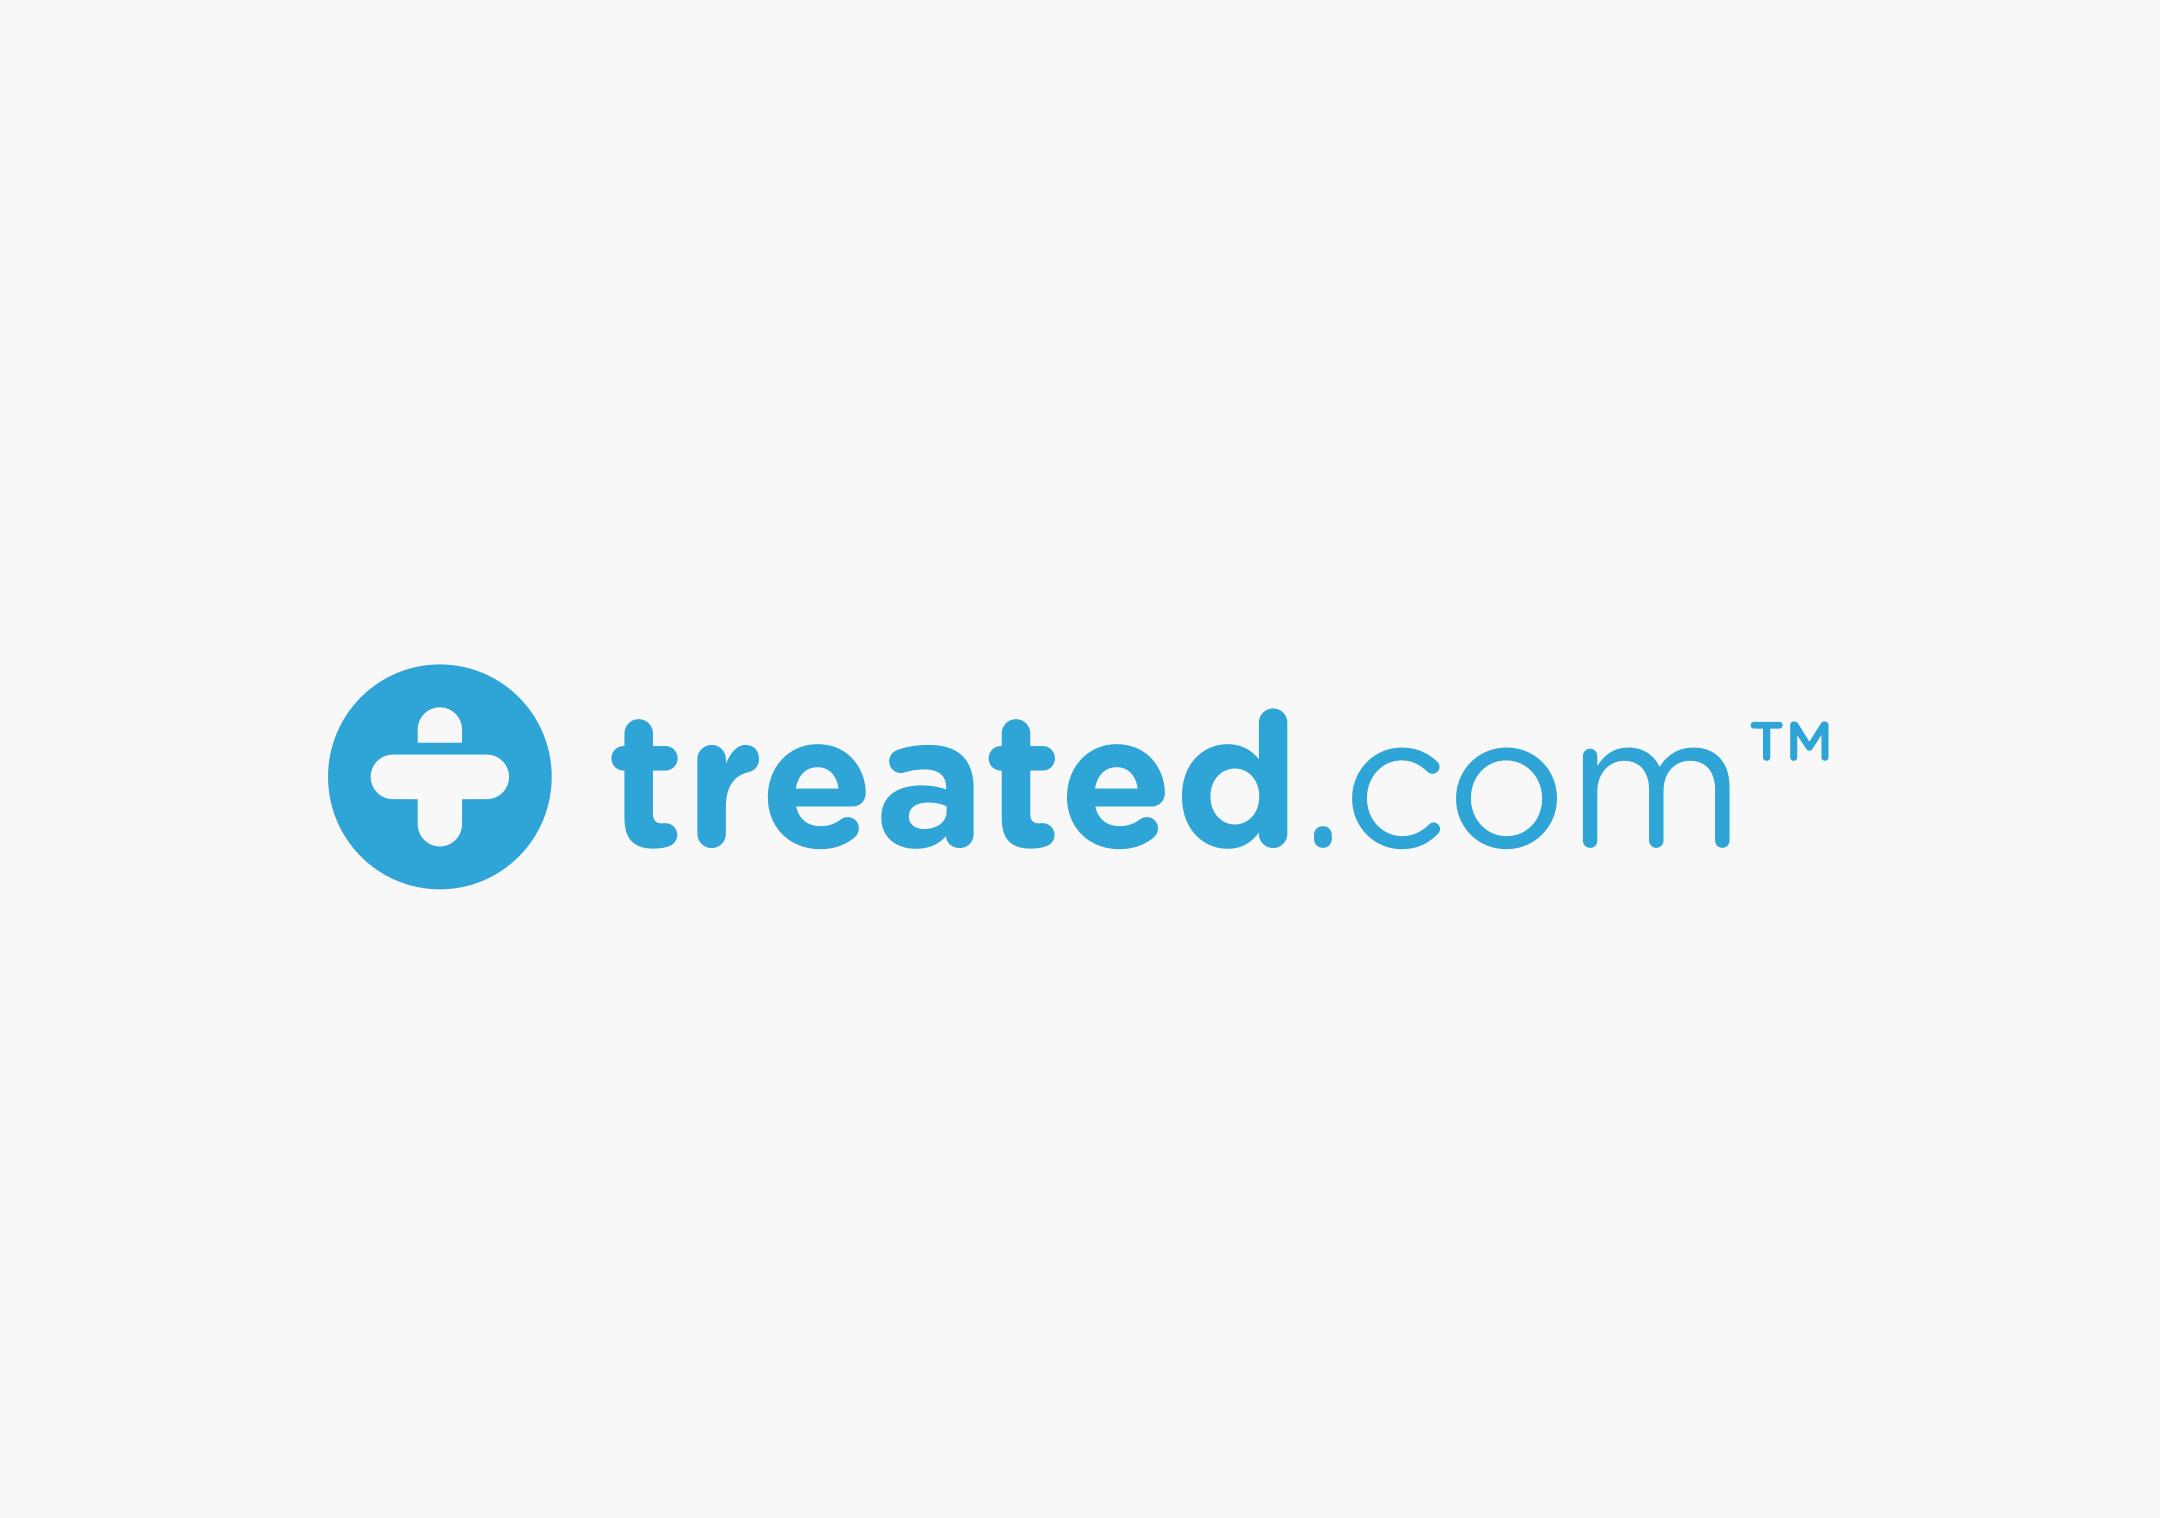 treated_2